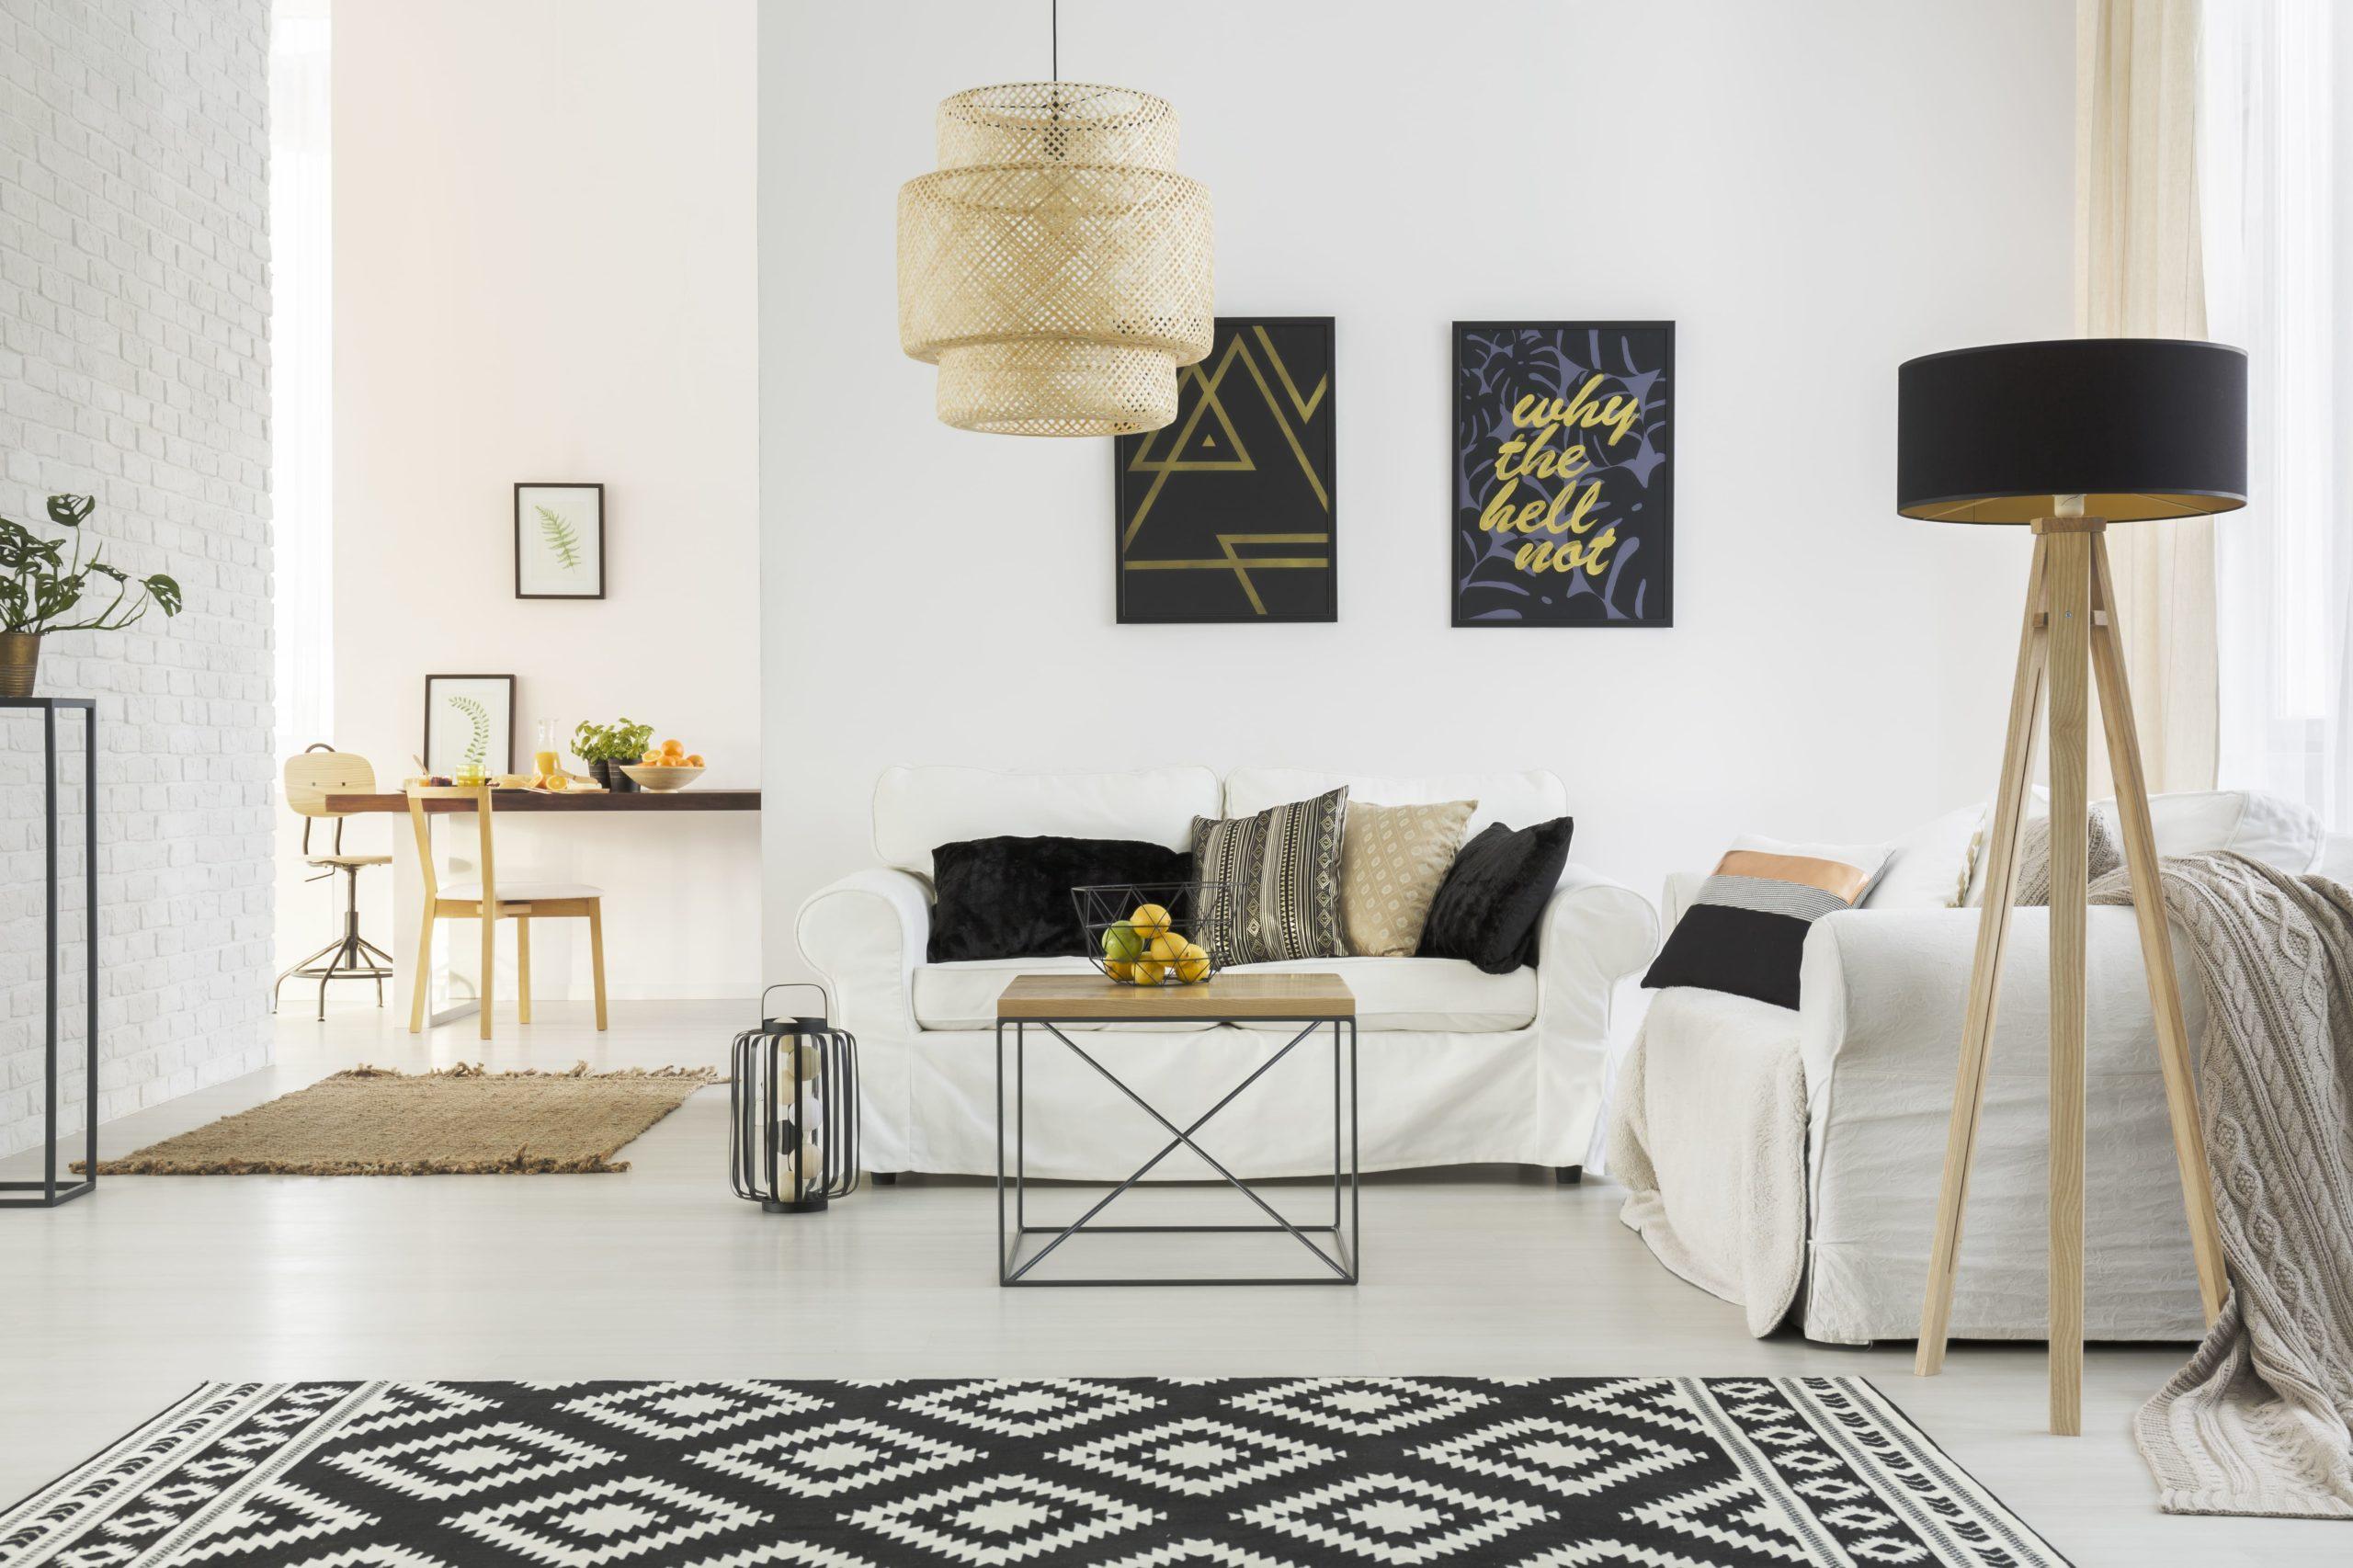 Quelles astuces pour bien meubler son appartement?